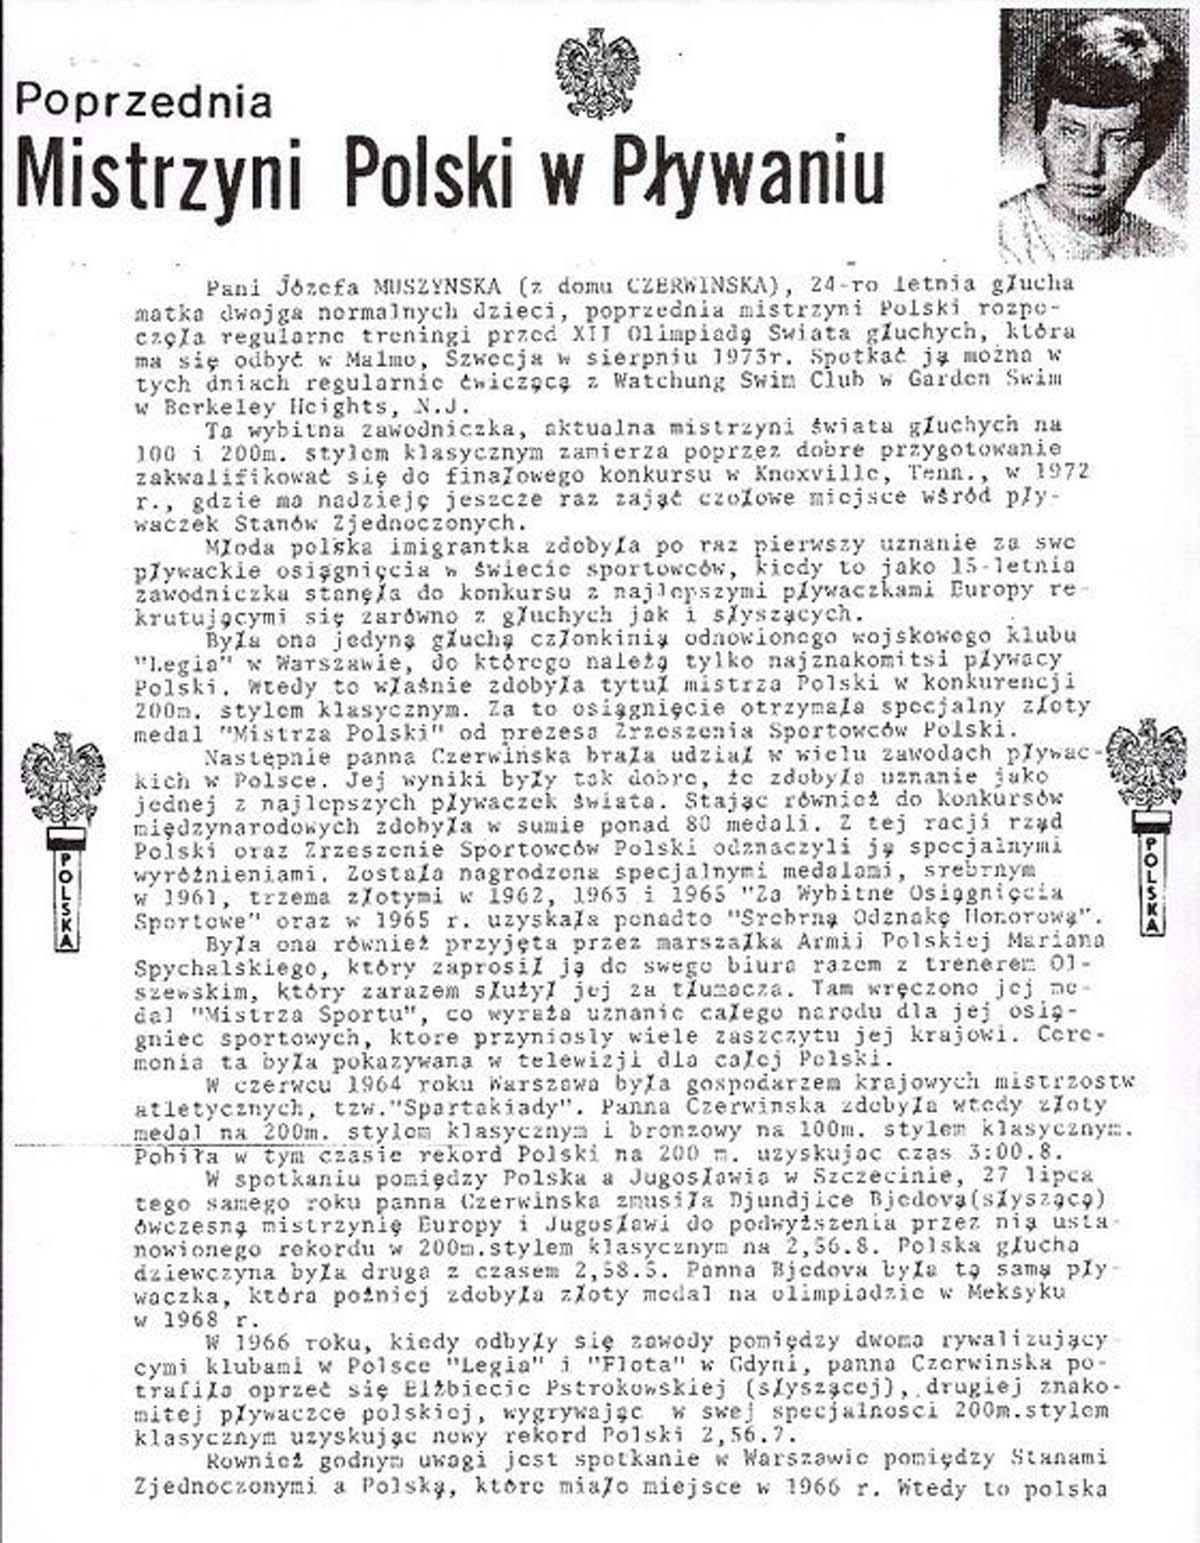 Józefa Muszyński-Czerwińska — Mistrzyni Polski w Pływaniu - artyuł